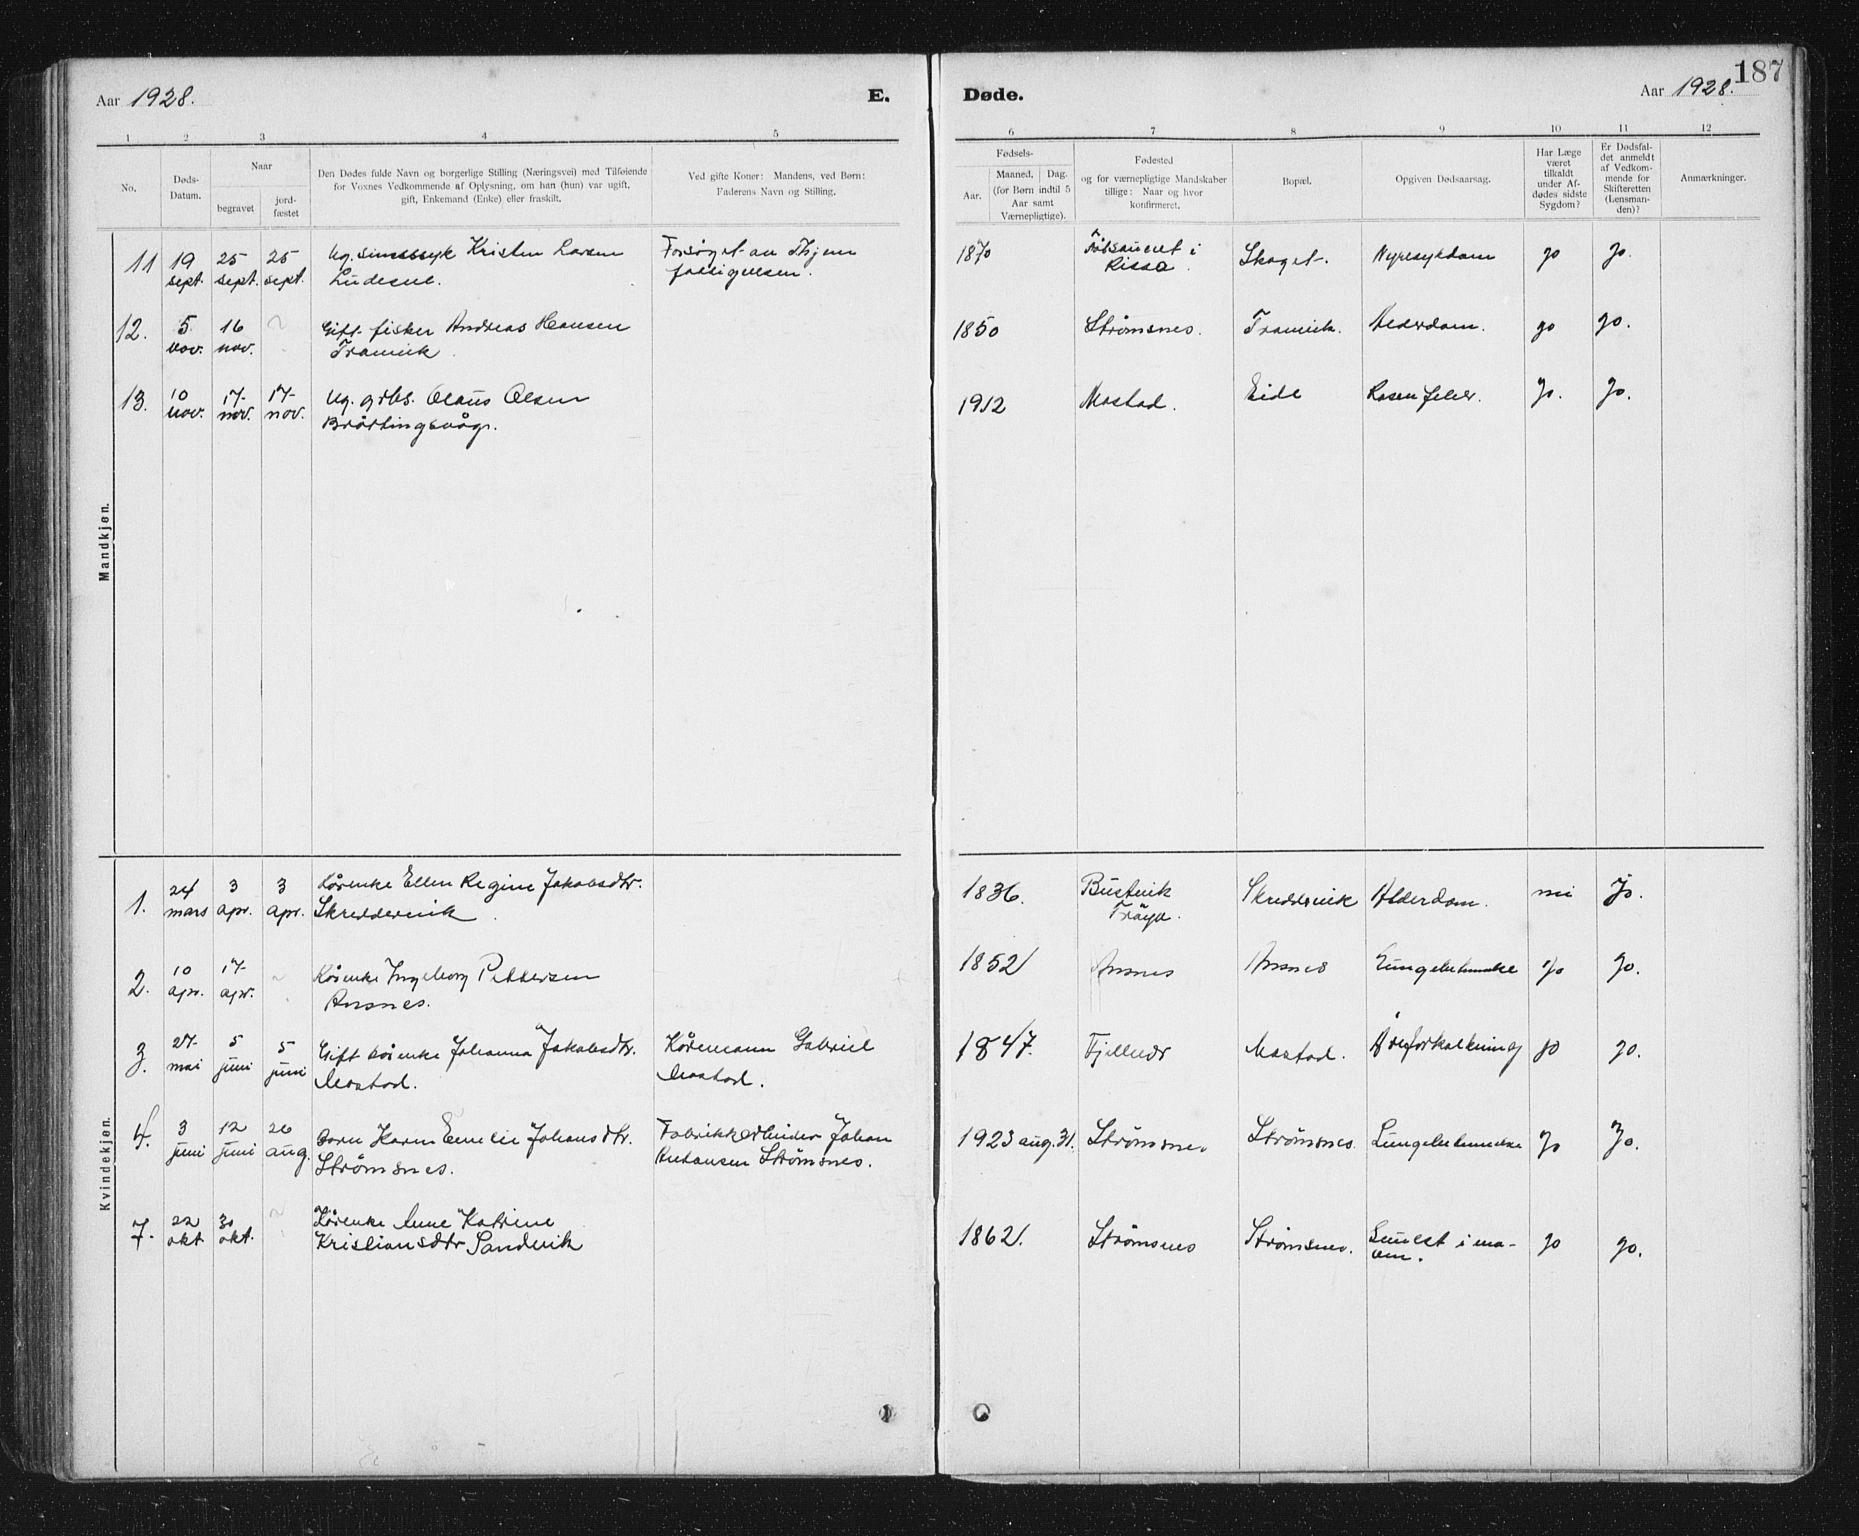 SAT, Ministerialprotokoller, klokkerbøker og fødselsregistre - Sør-Trøndelag, 637/L0563: Klokkerbok nr. 637C04, 1899-1940, s. 187